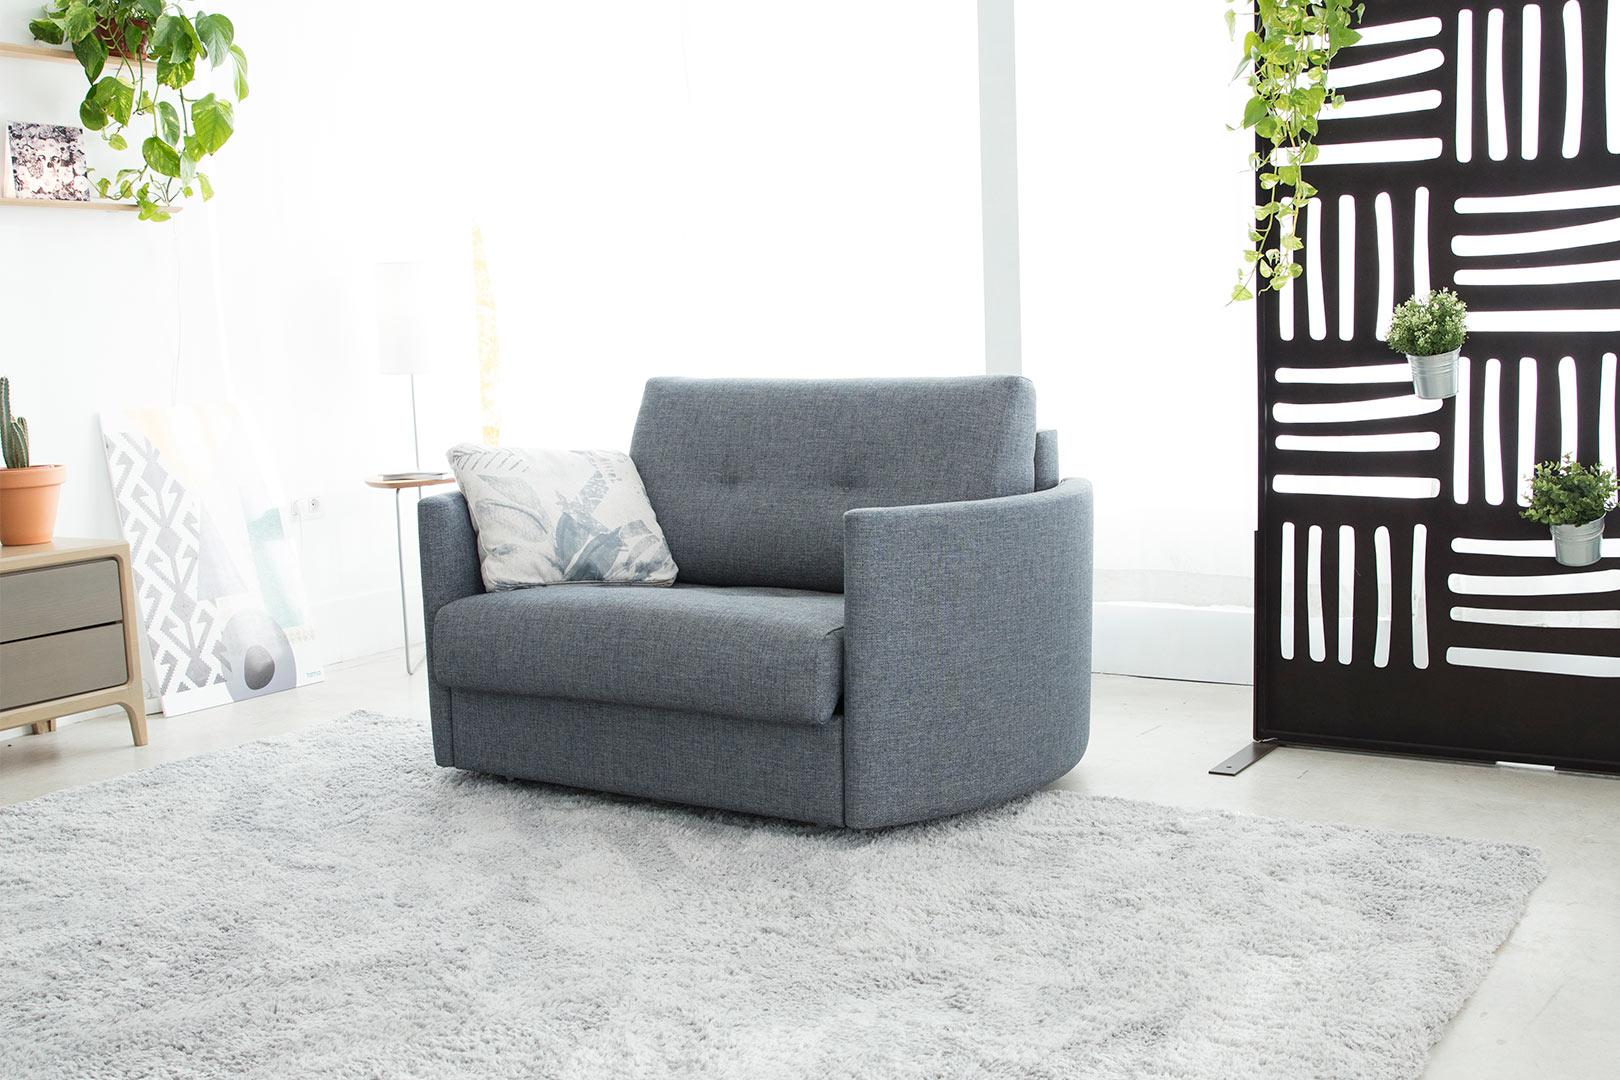 Bolero sillón cama 2020 01